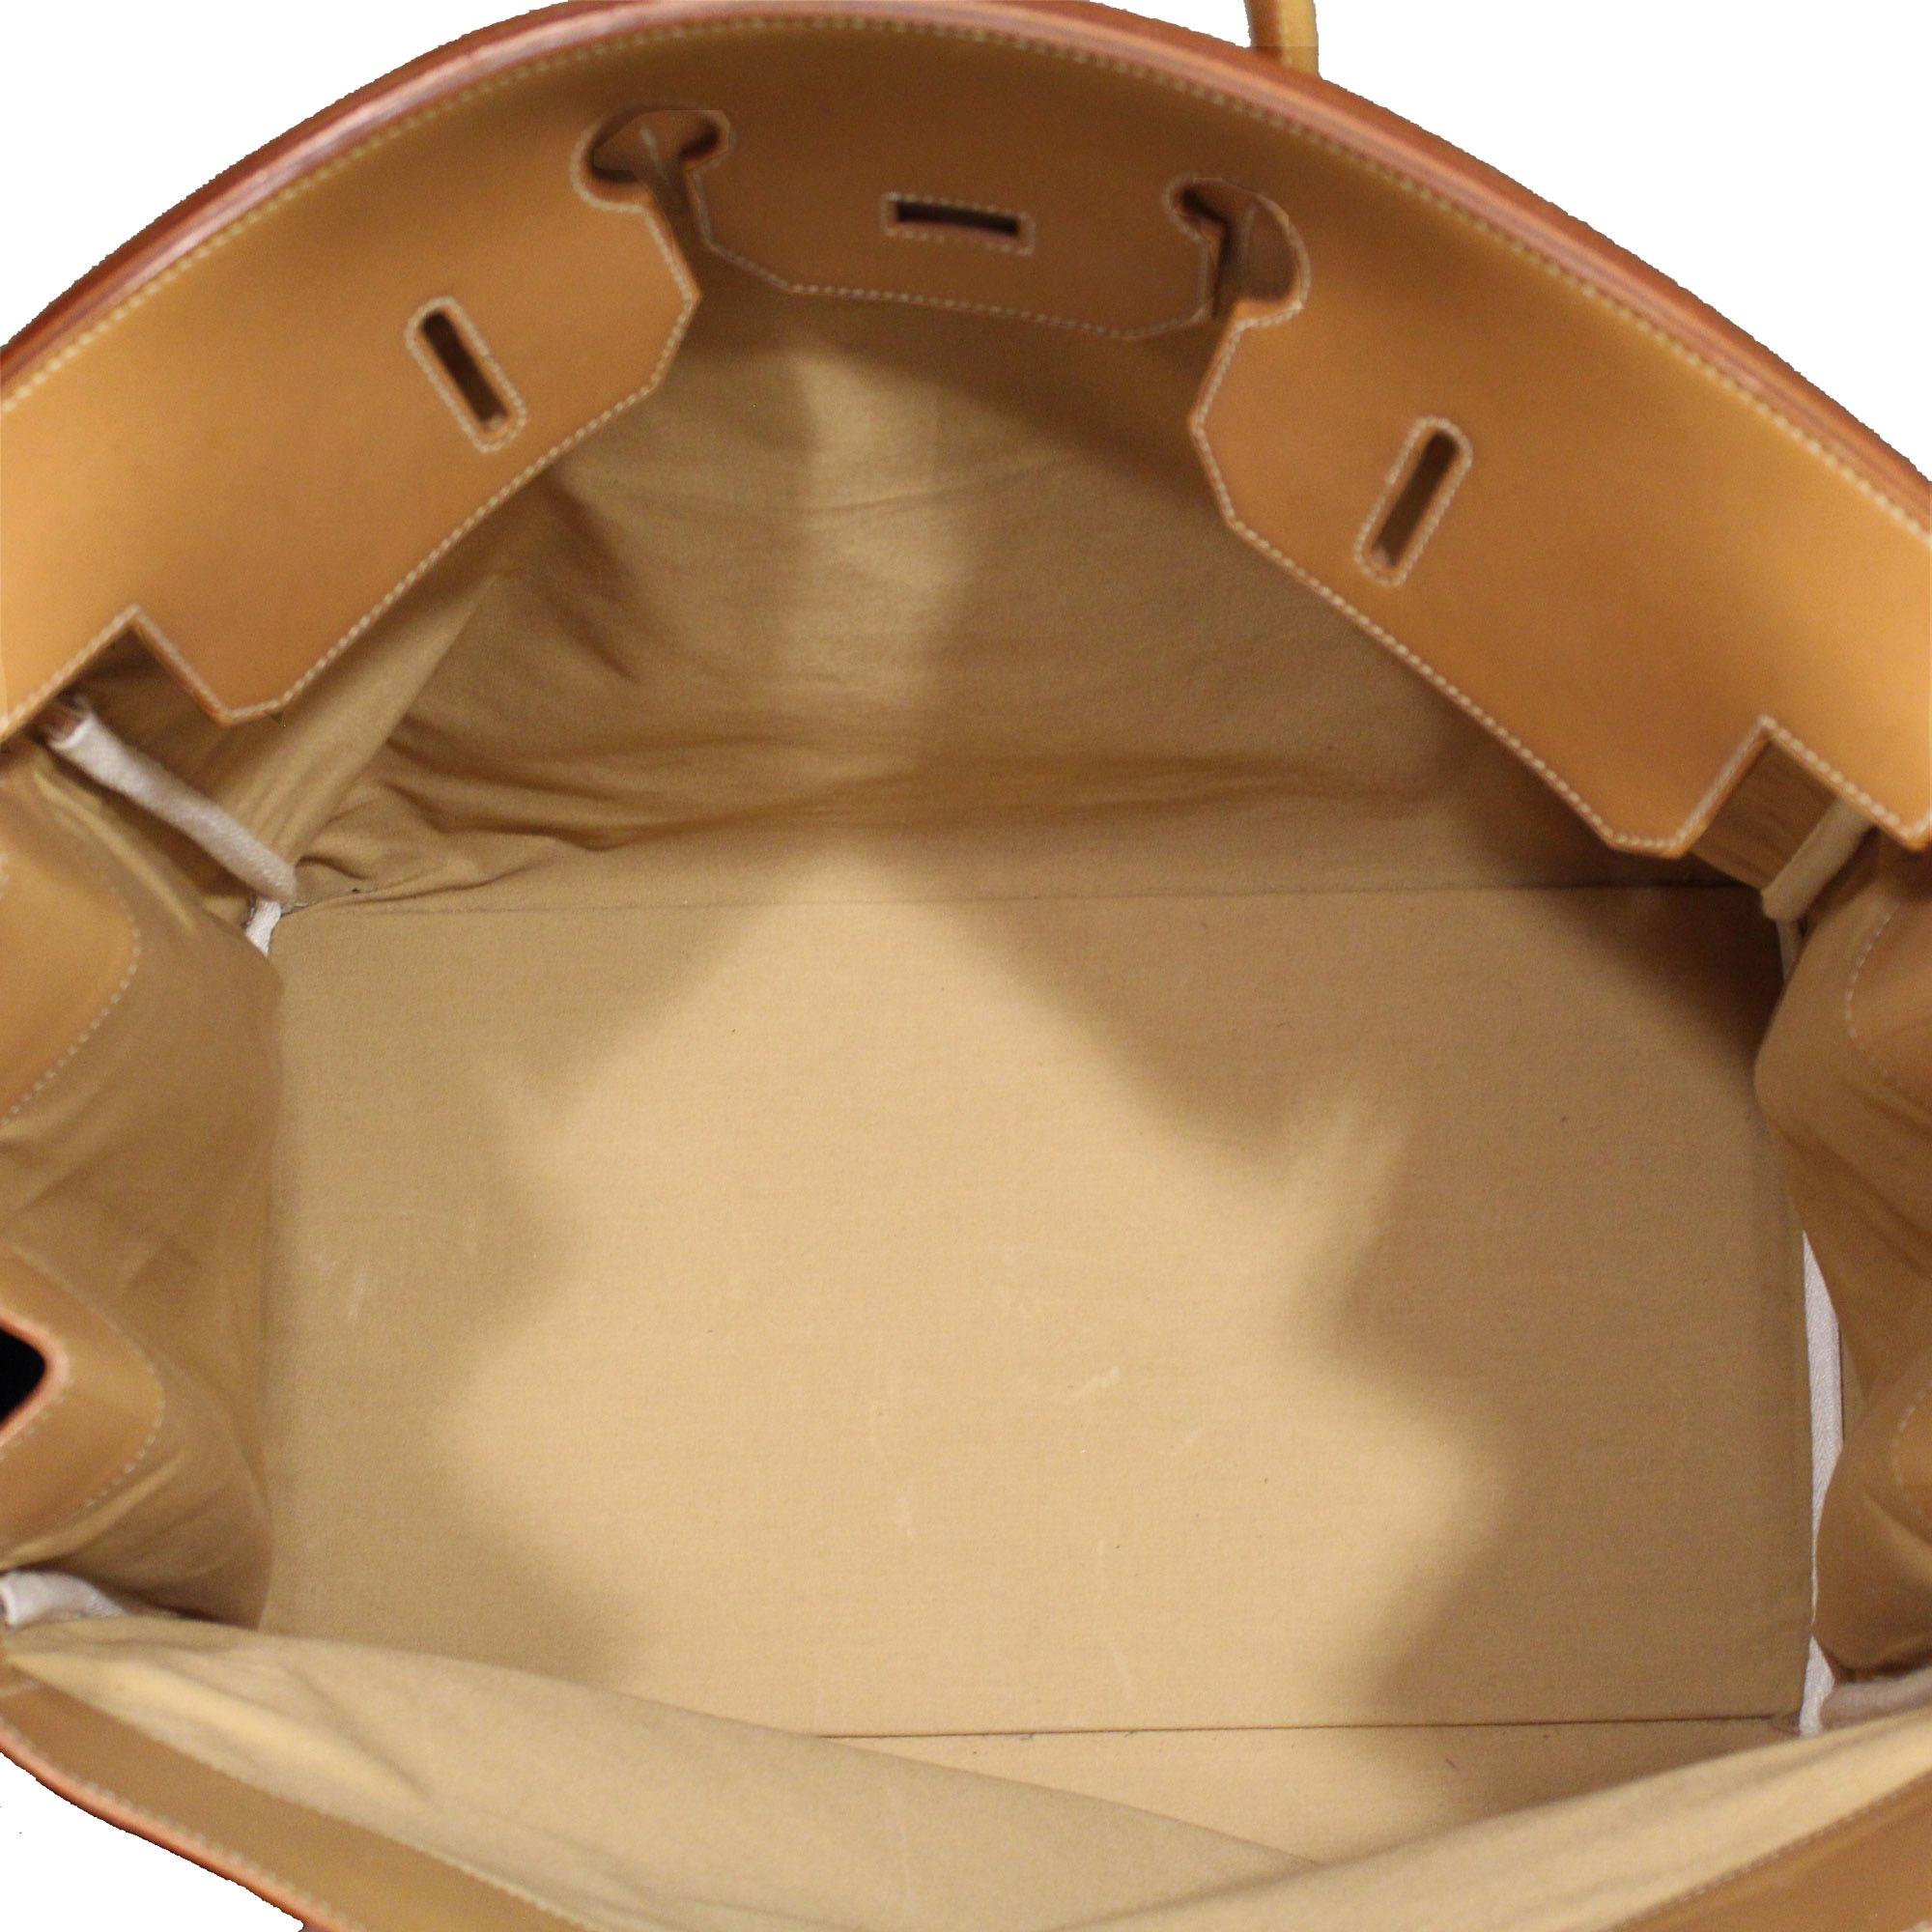 412f3e74a90 Imagen del forro de la bolsa de viaje hermès haut à courroies lona militar  verde piel